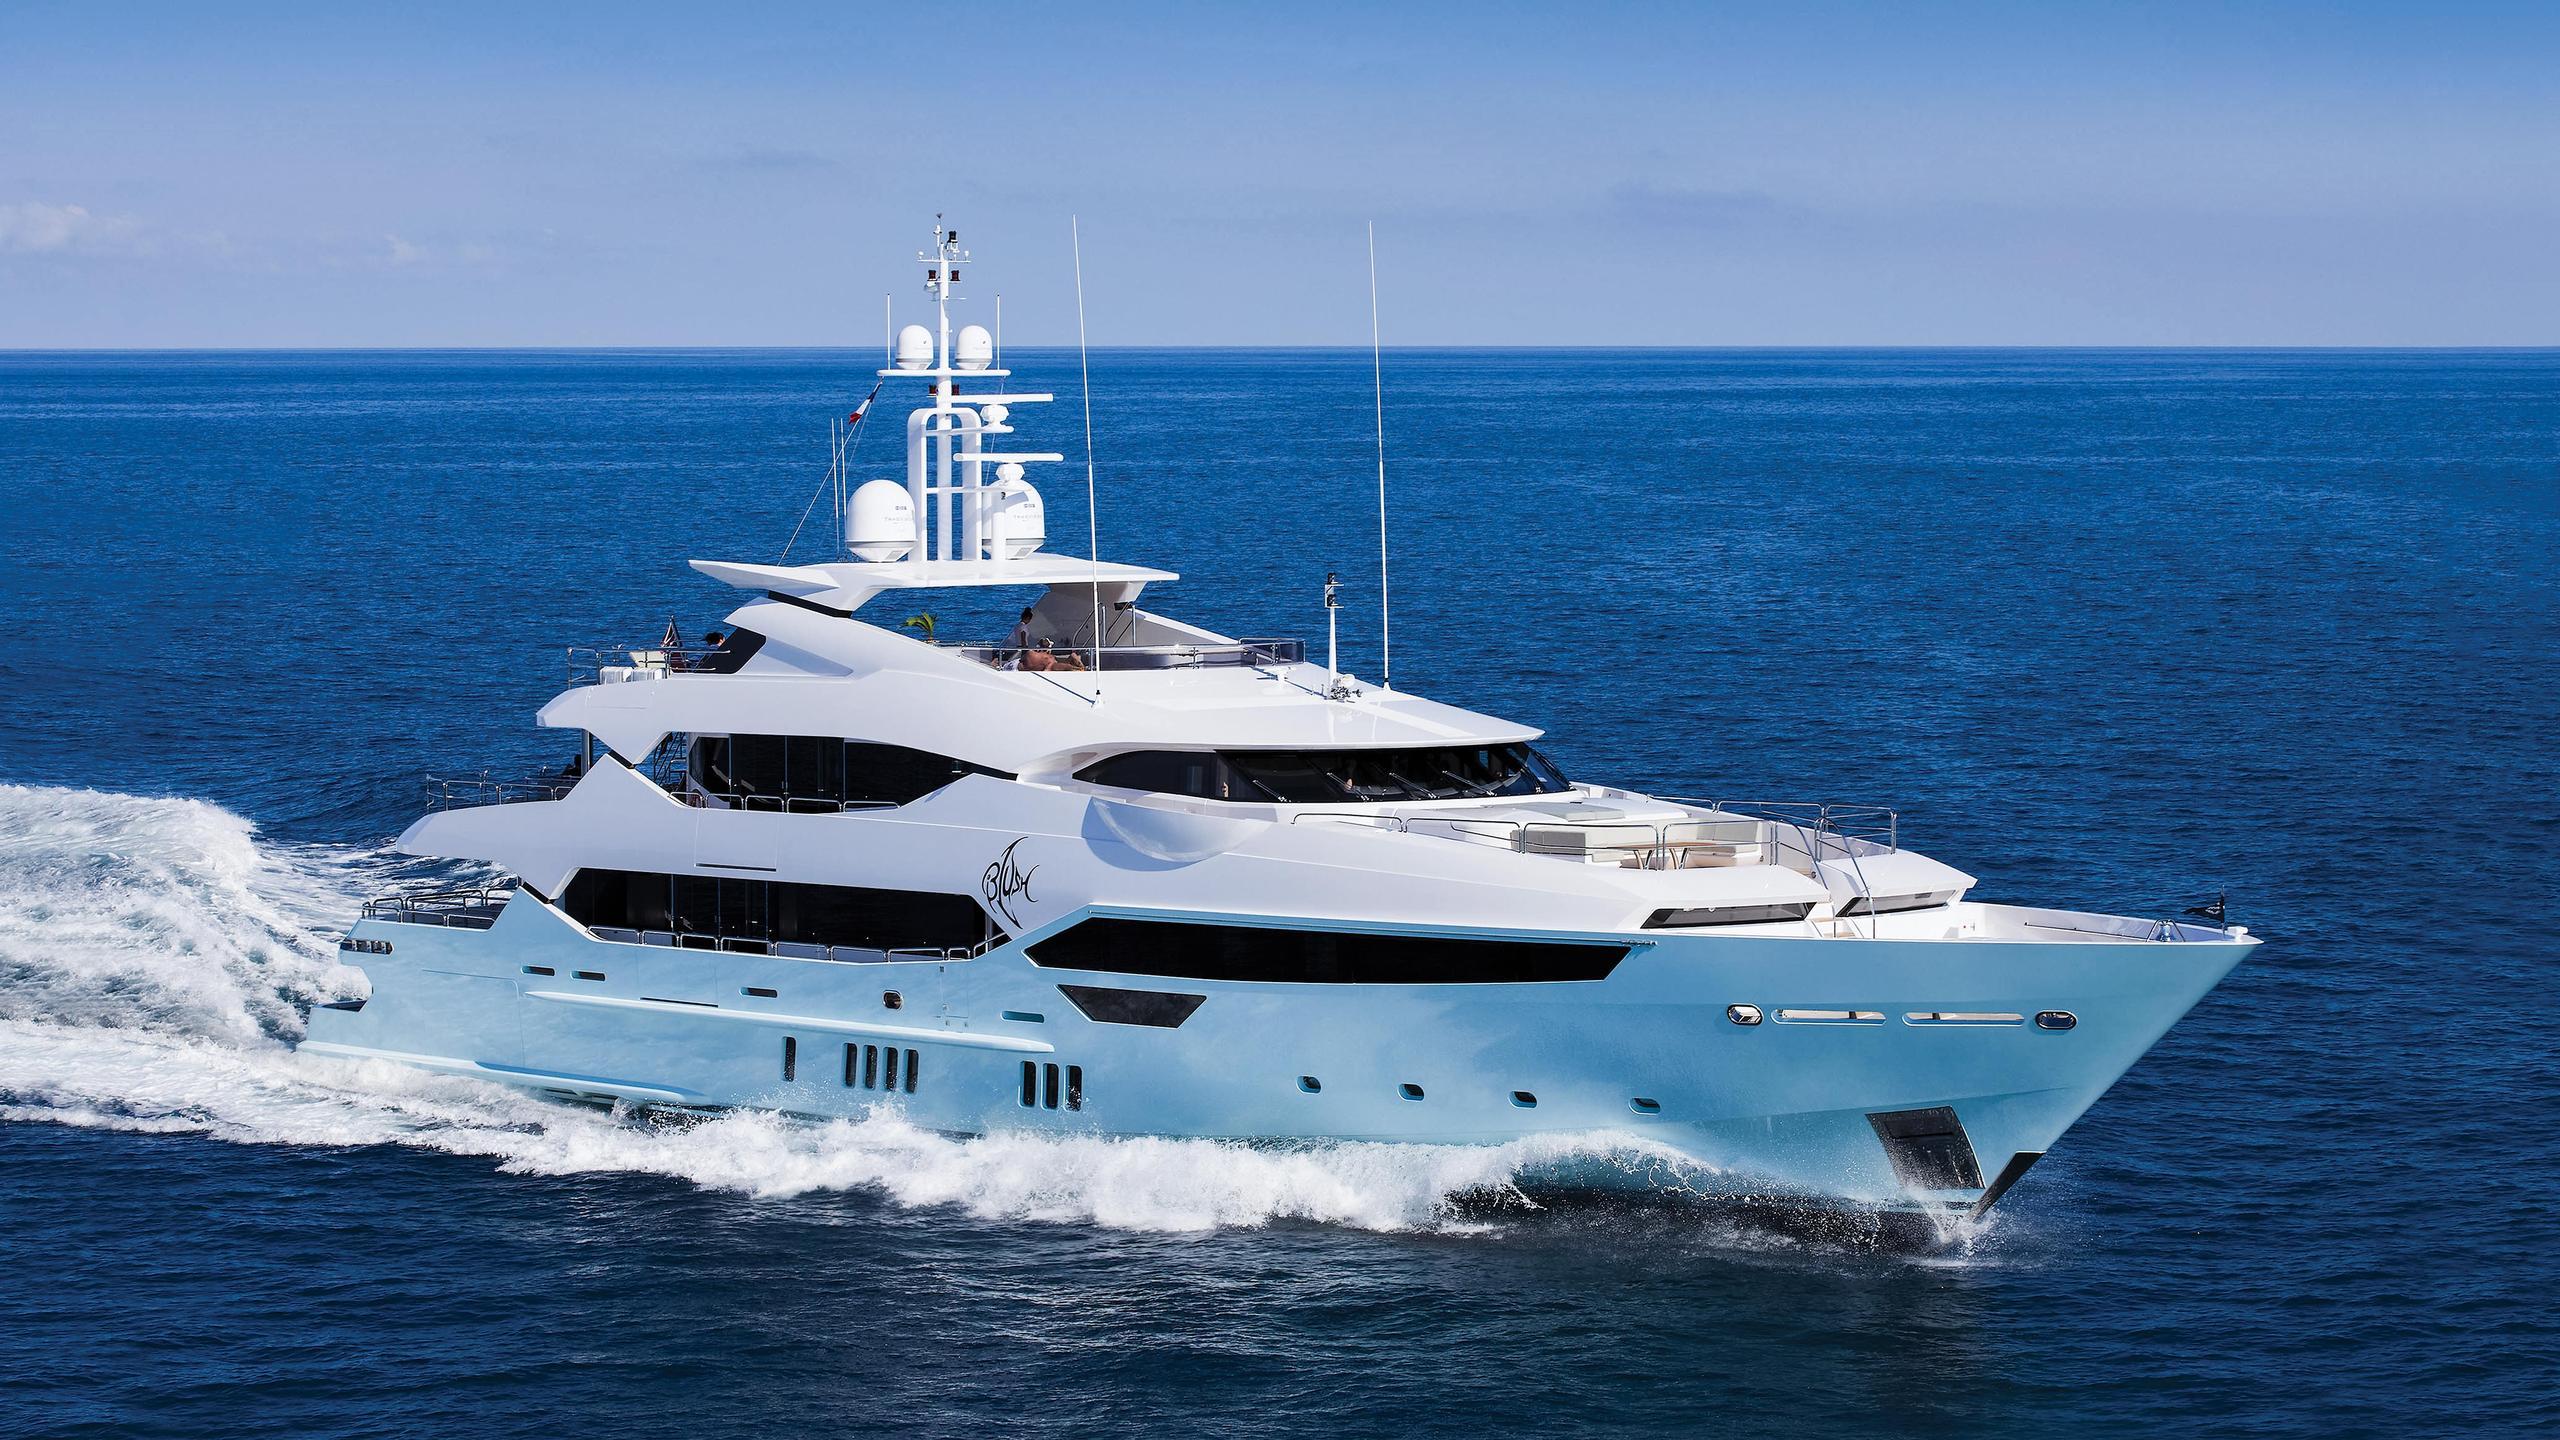 arados-blush-motor-yacht-sunseeker-2014-47m-cruising